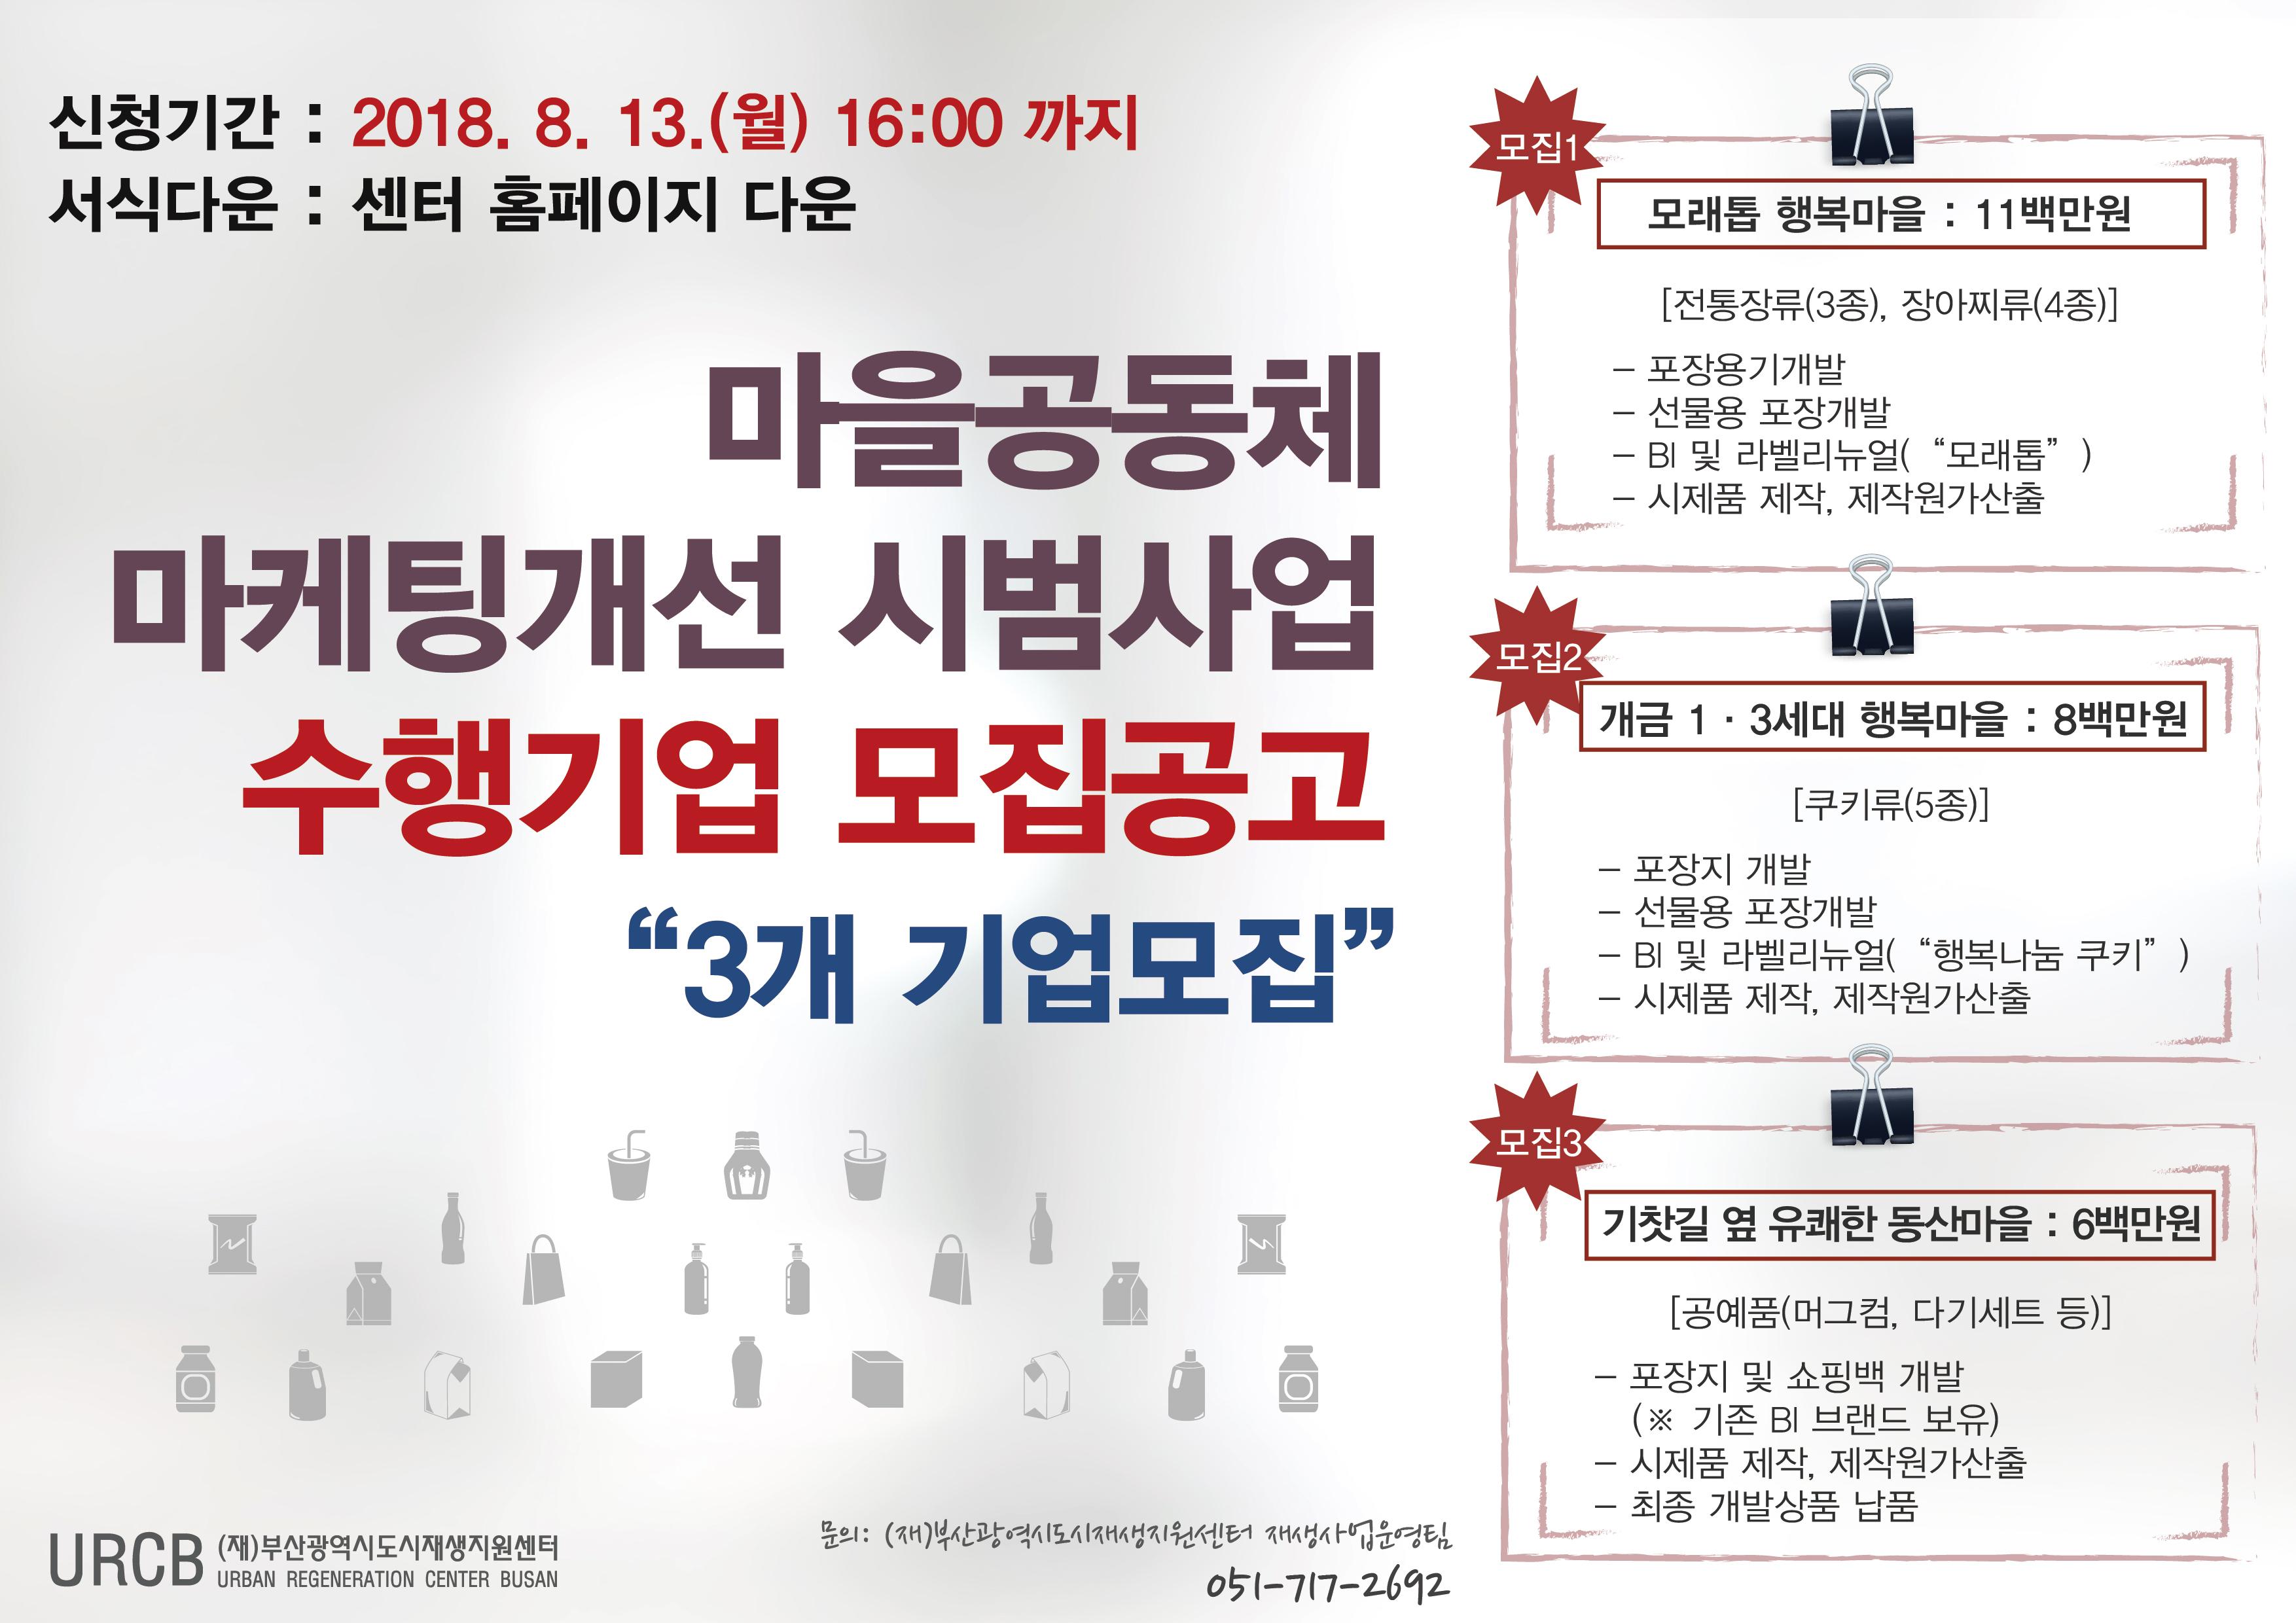 [부산도시재생지원센터] 마을공동체 마케팅개선 시범사업 수행기업 모집 공고